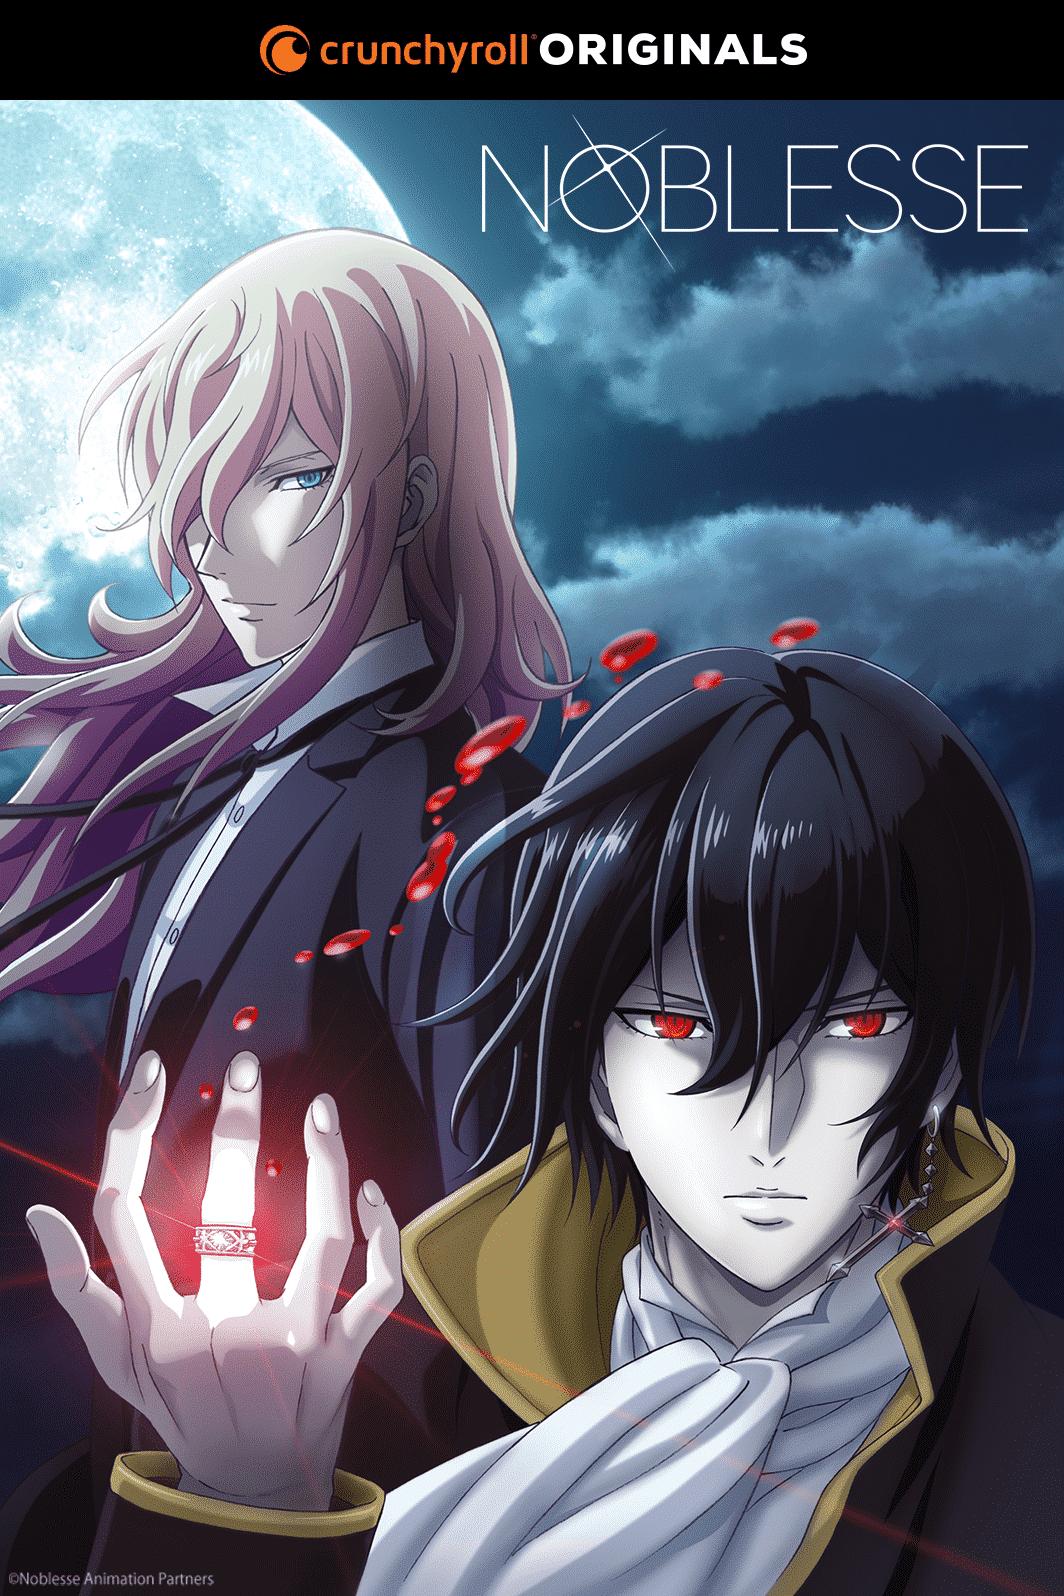 noblesse-manga-anime-2020 3